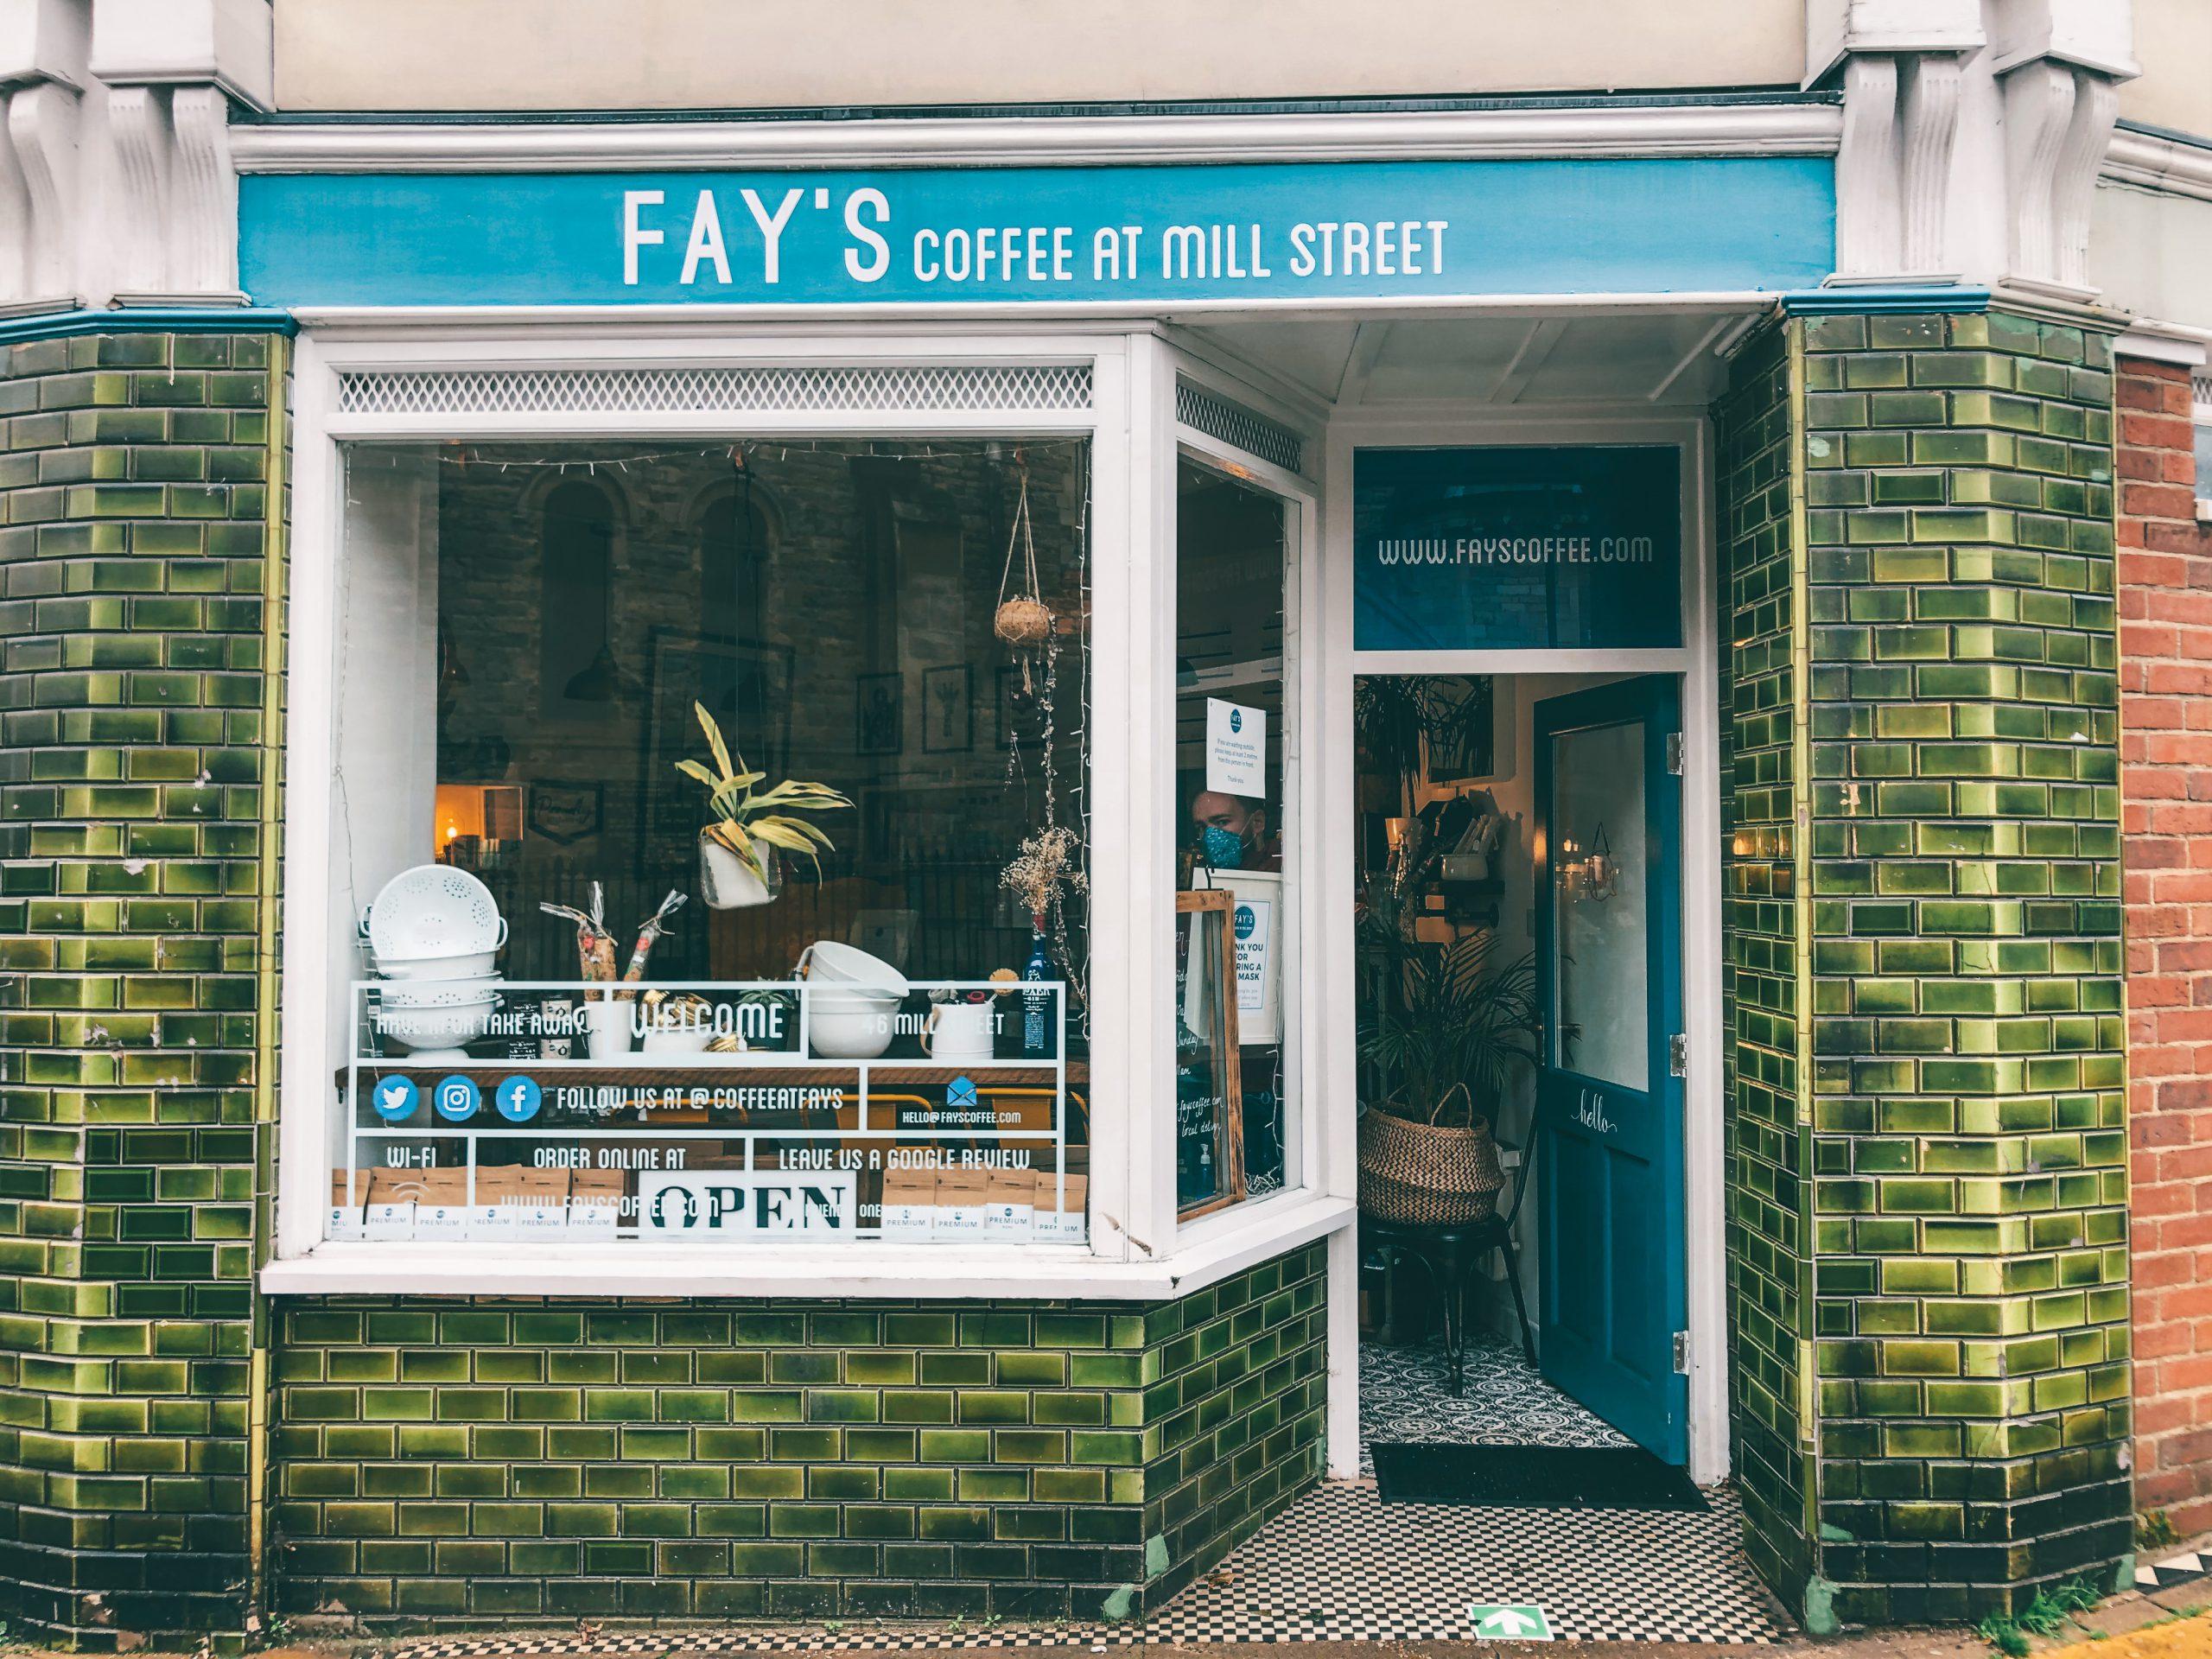 FAY'S COFFEE